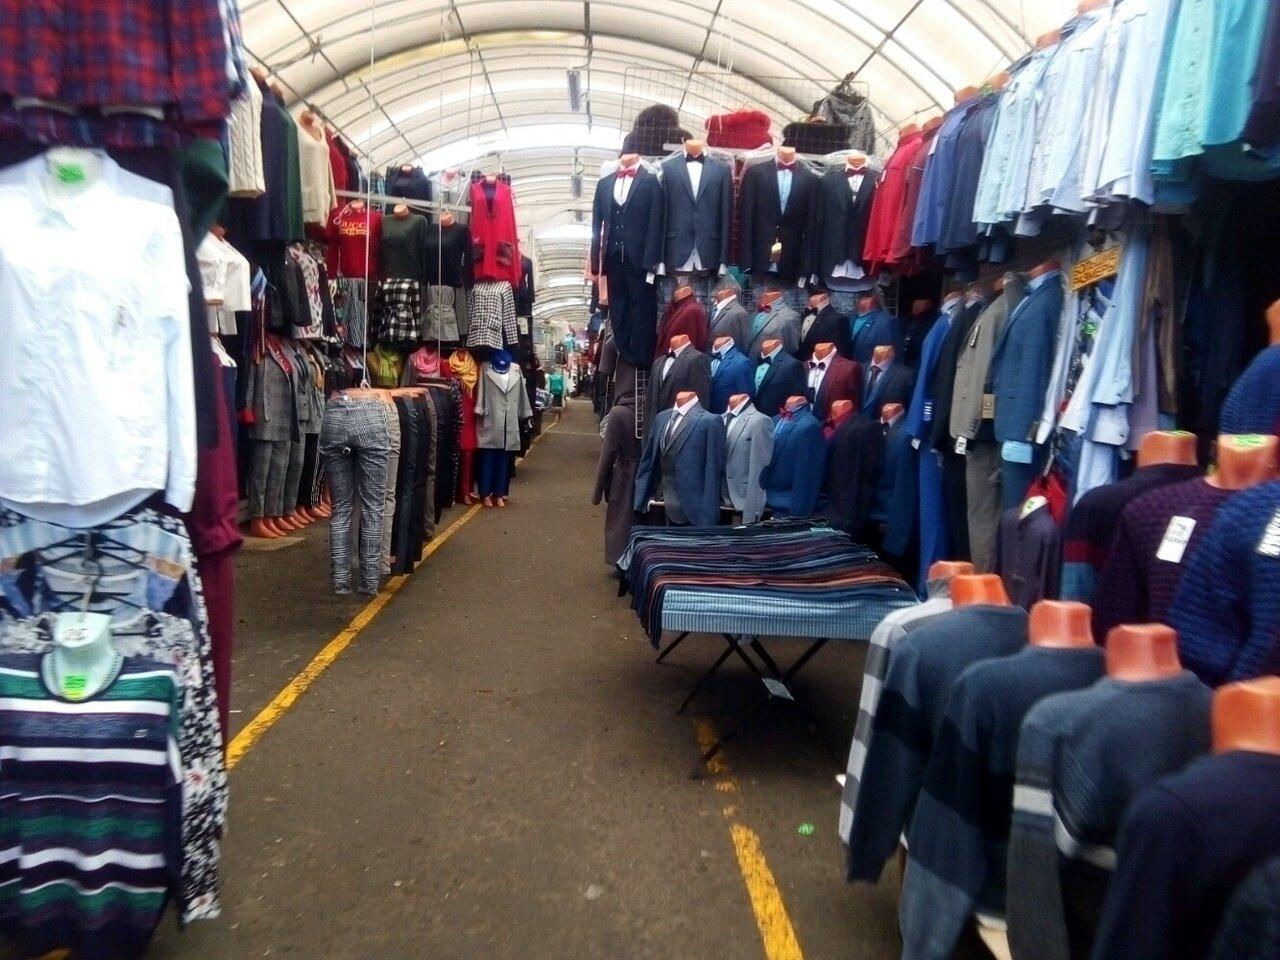 Рынок в белоруссии вещевой фото